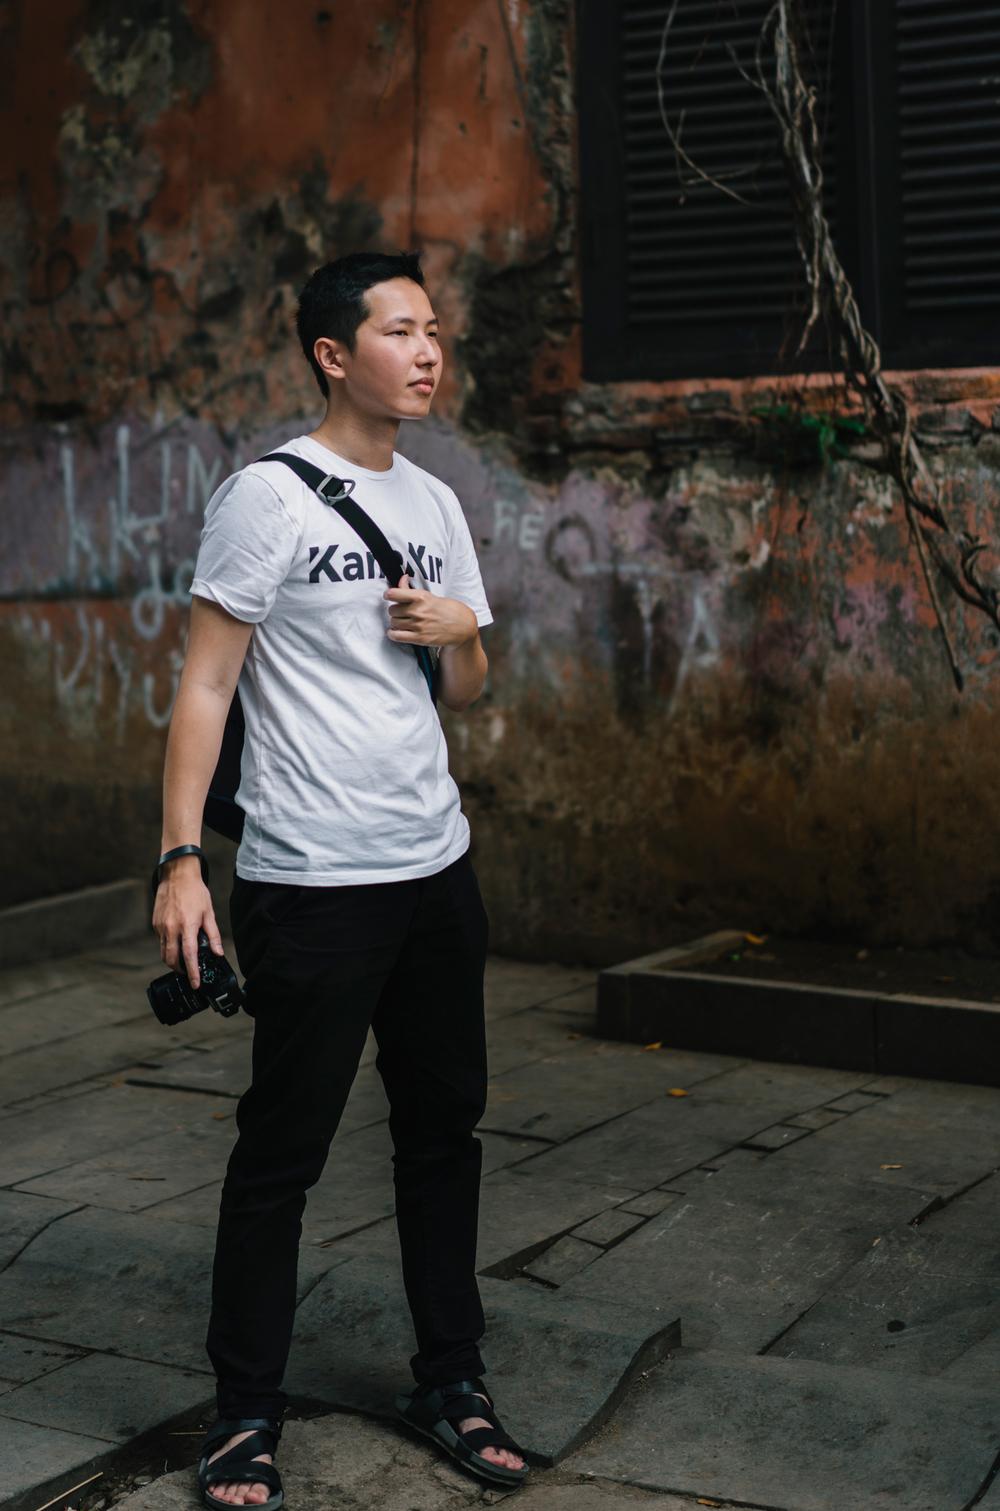 KanekinPhotowalk02.jpg